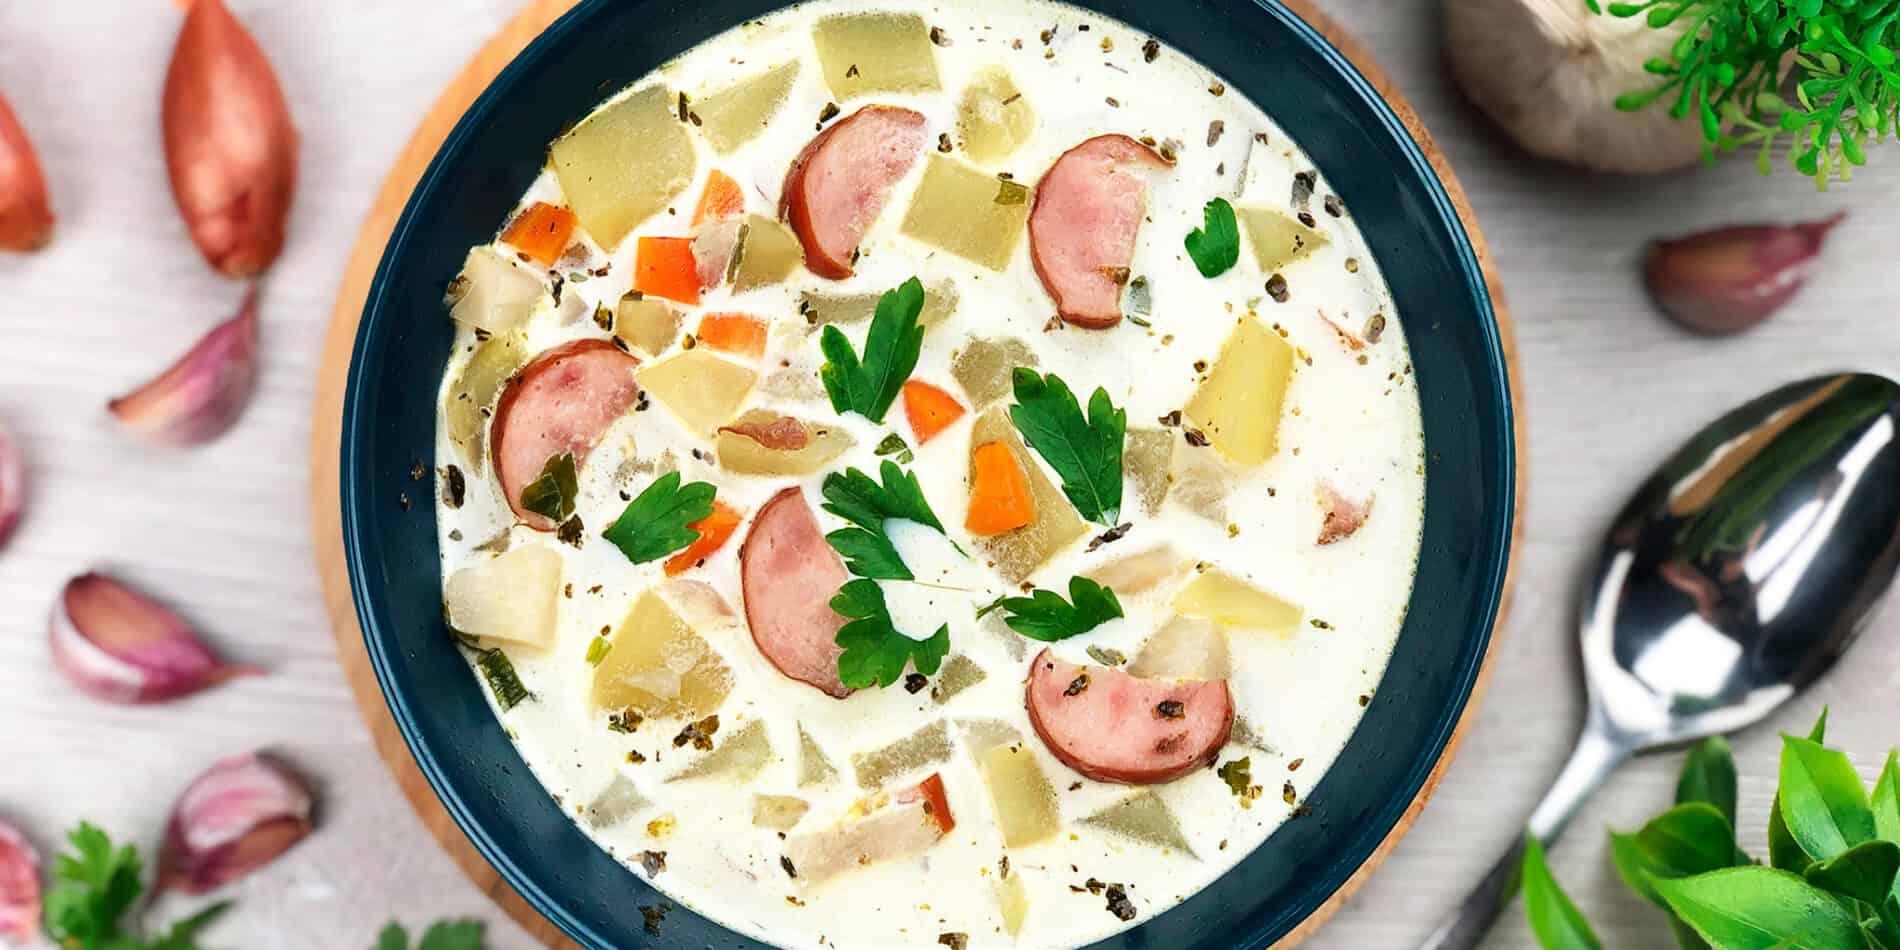 Zupa ziemniaczana - propozycja przygotowania